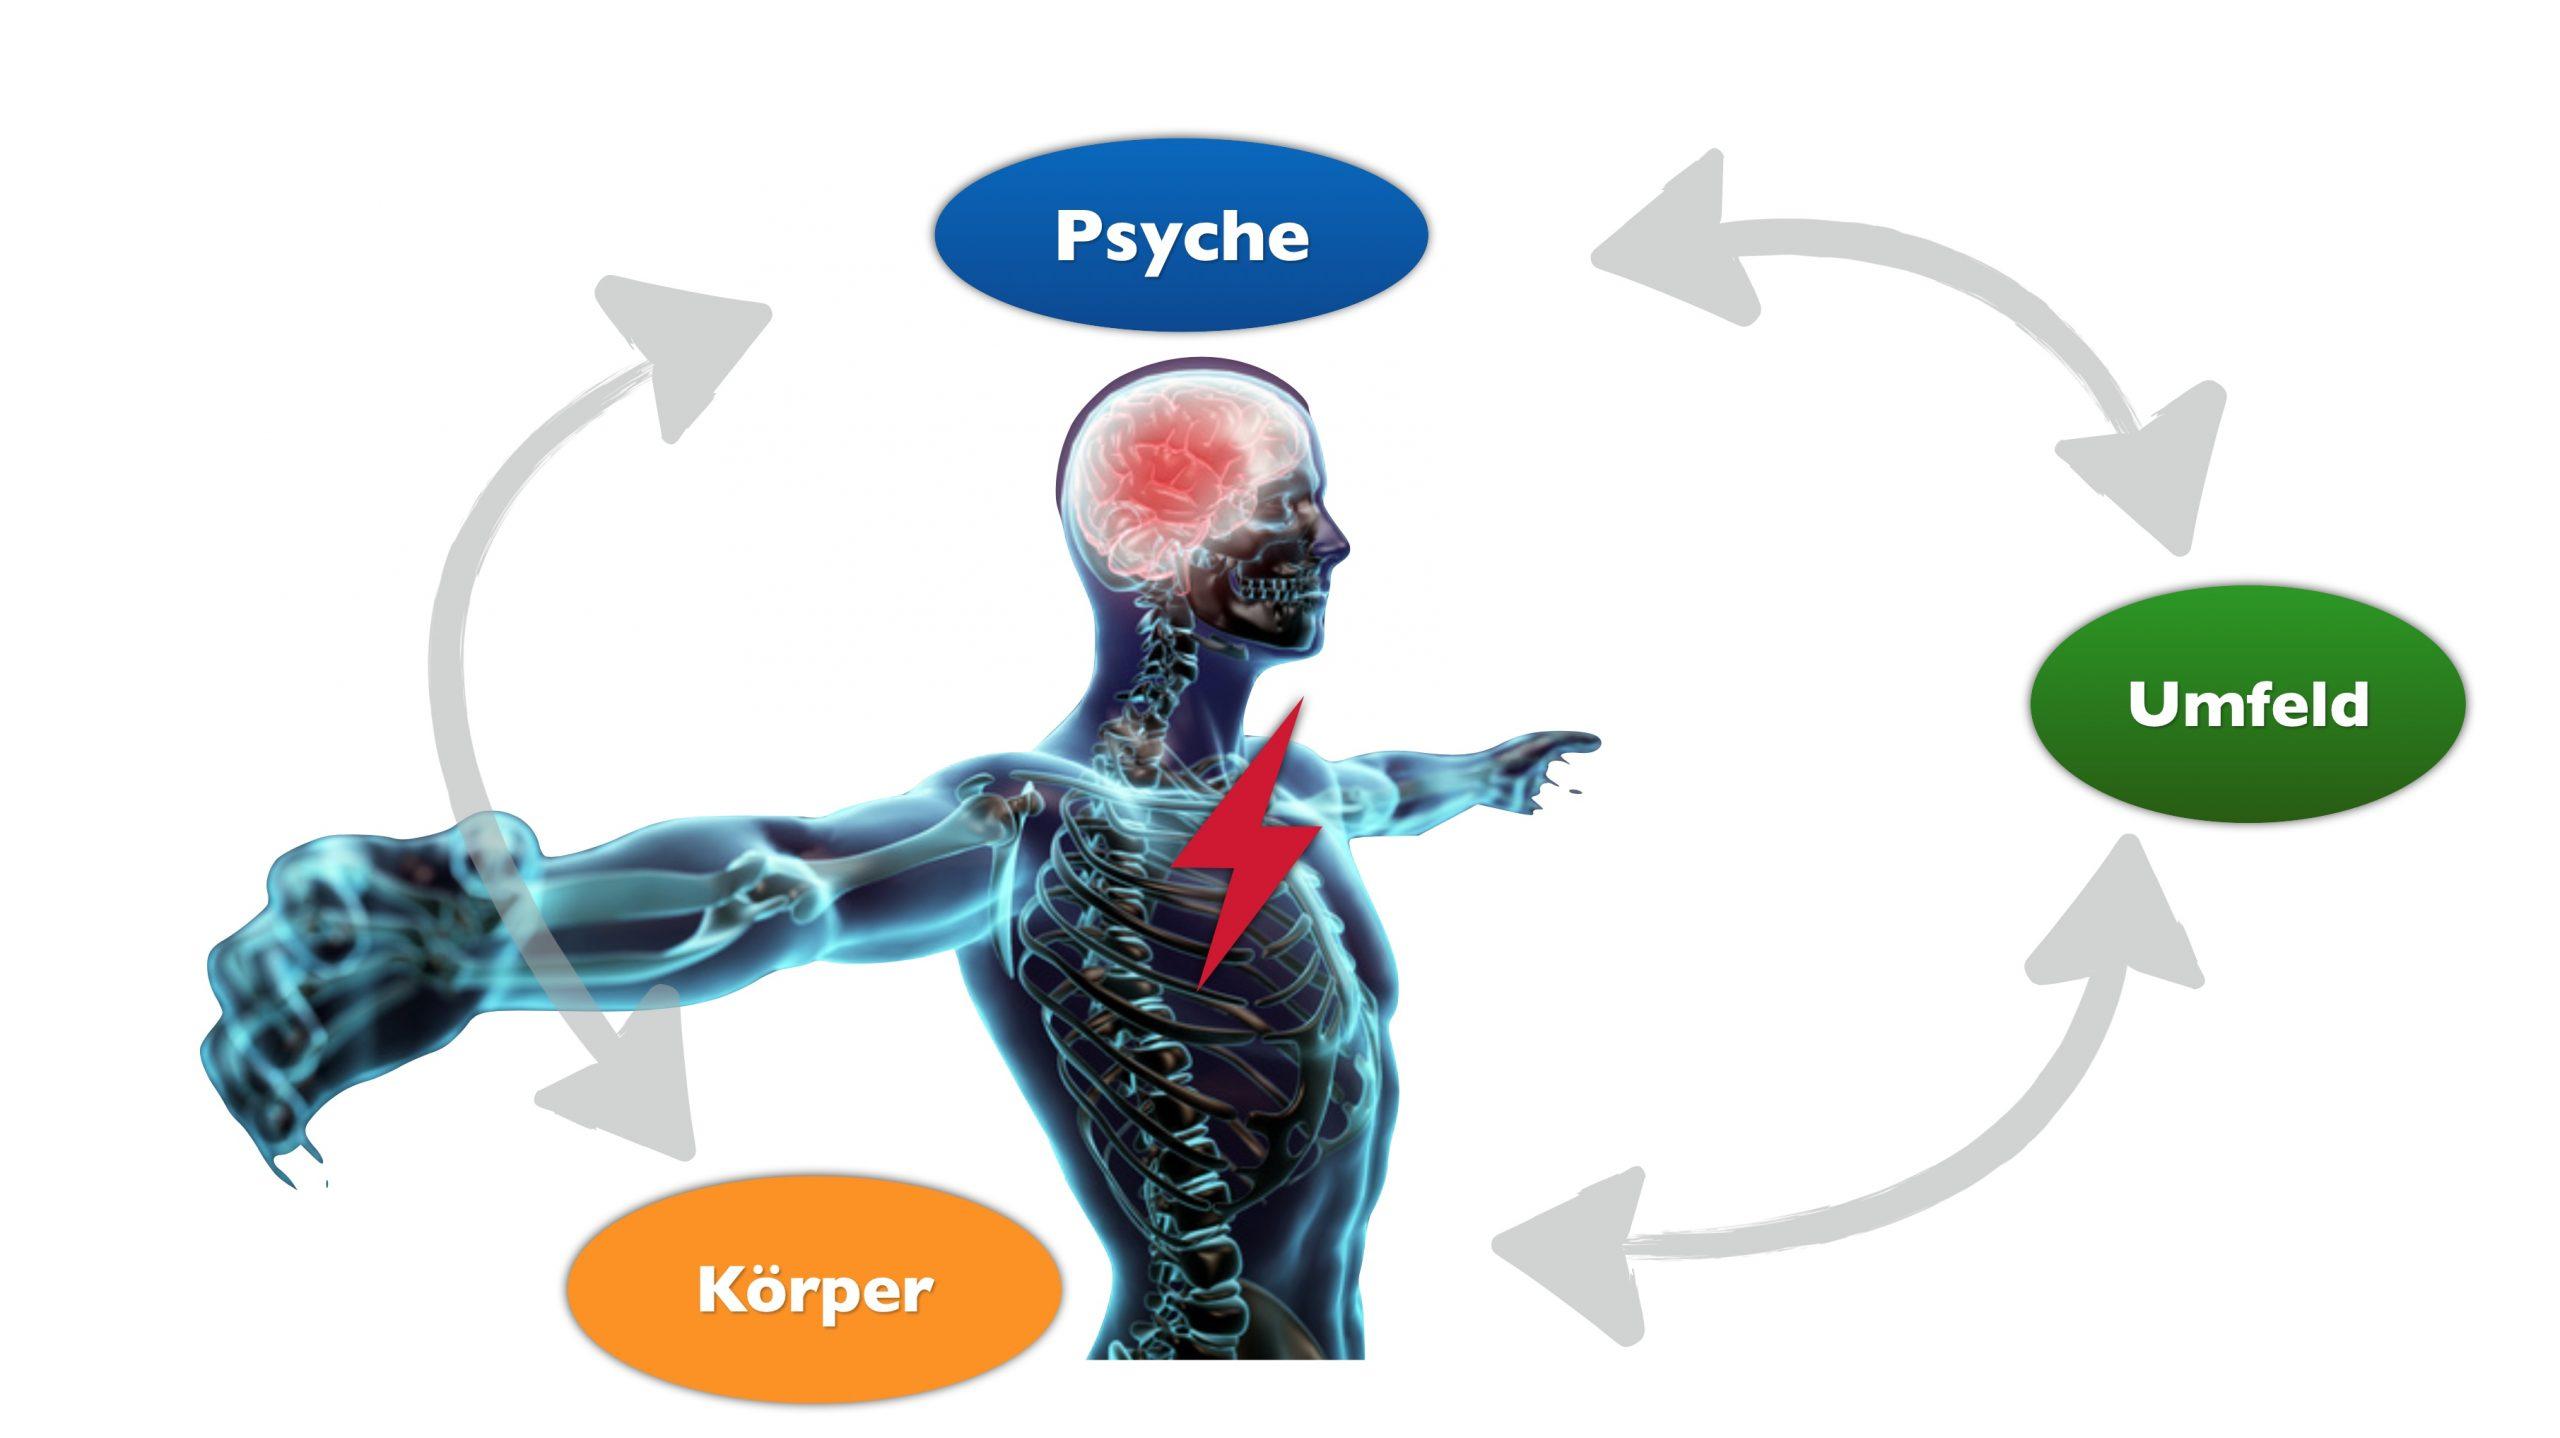 das Biopsychosoziale Modell als Erklärung des Readiness Ansatzes